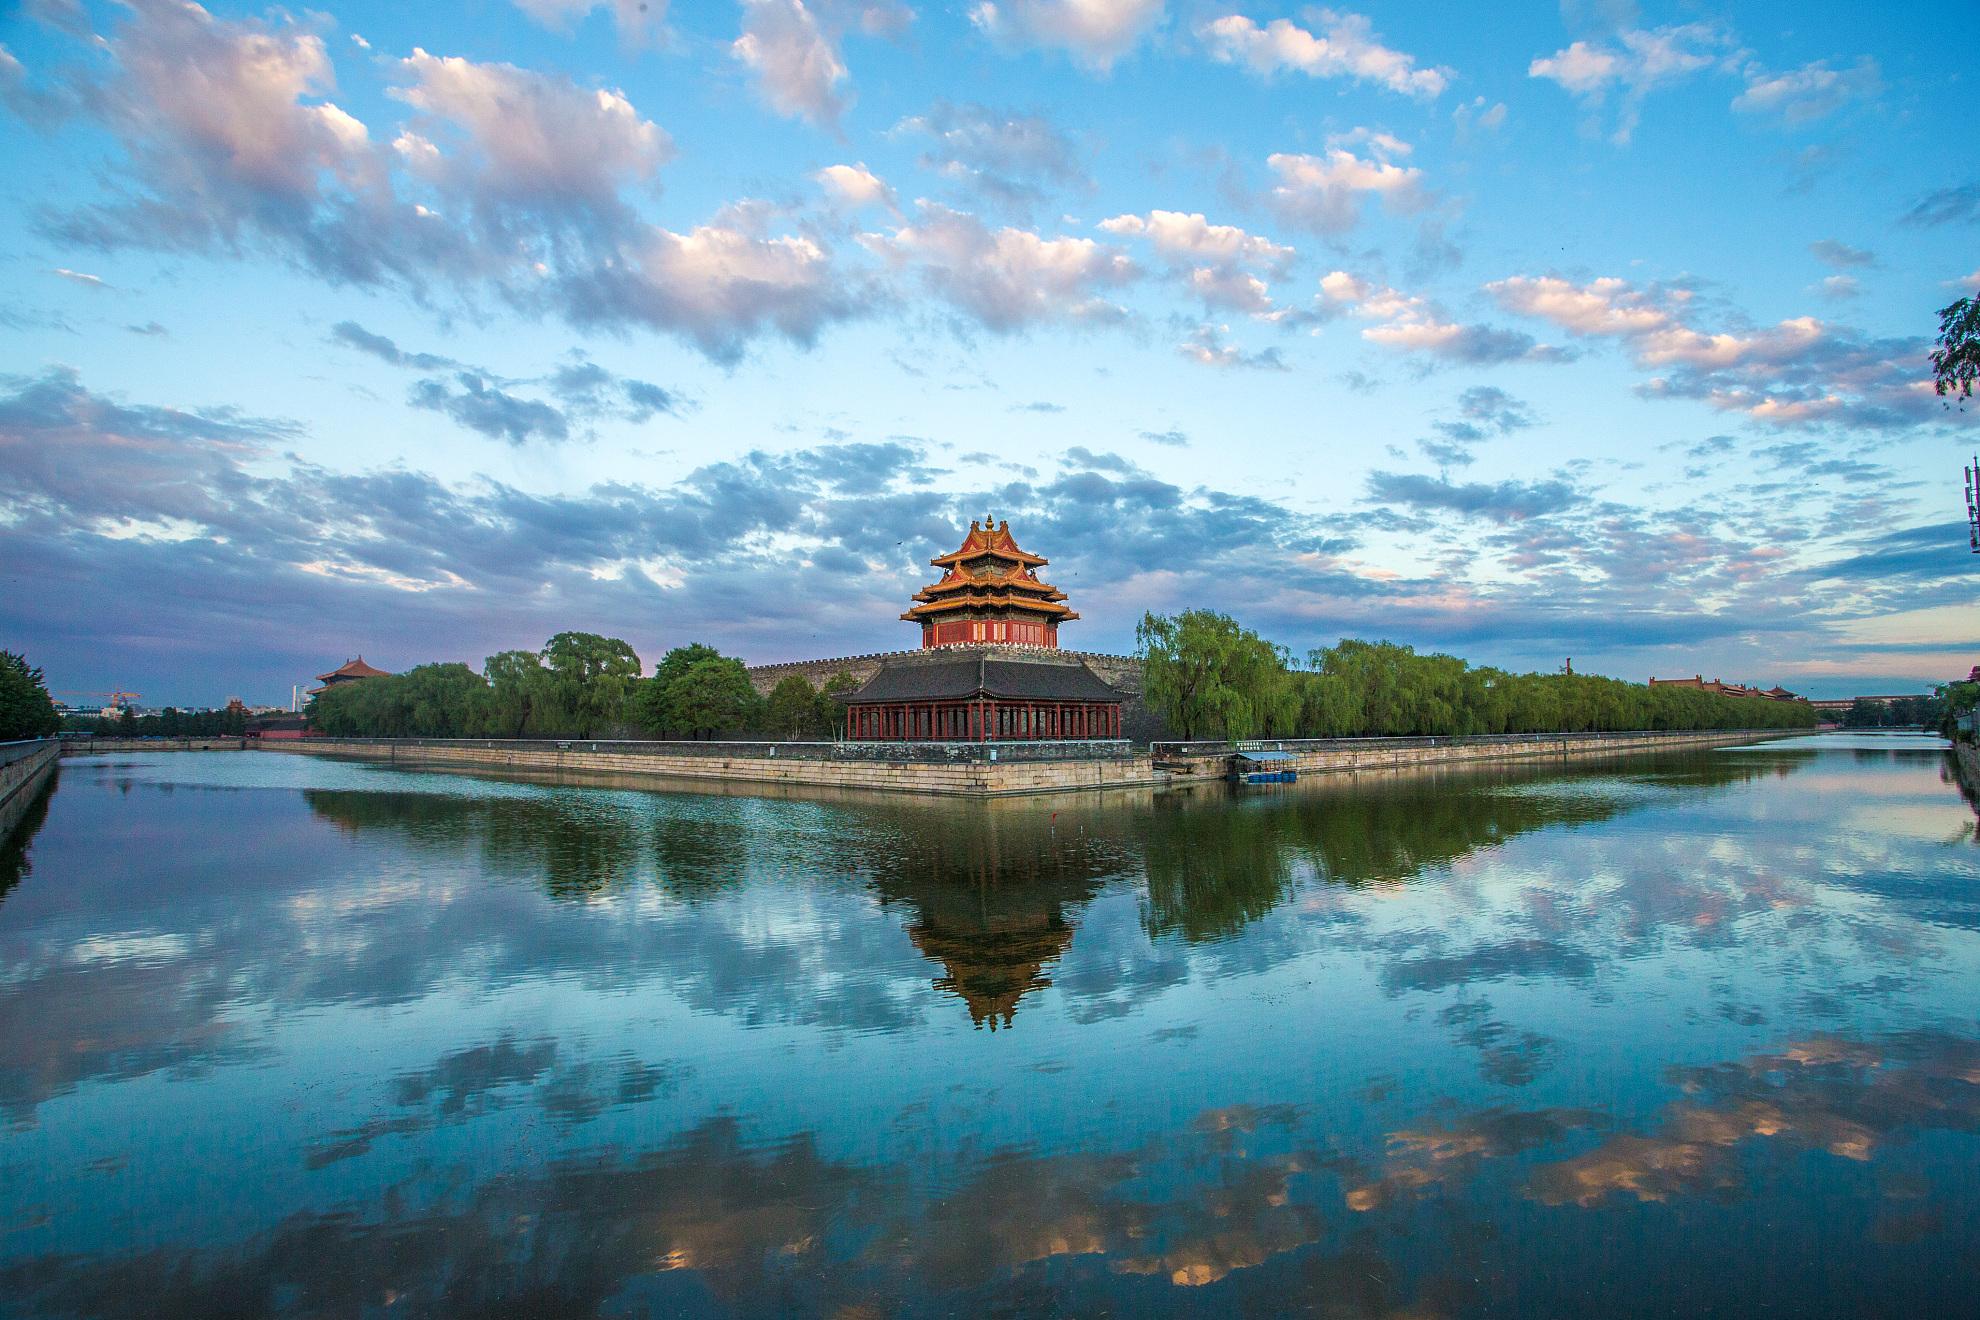 北京3日深度游[]宿商务快捷酒店,探地下宫殿-定陵博物馆 一次玩透北京